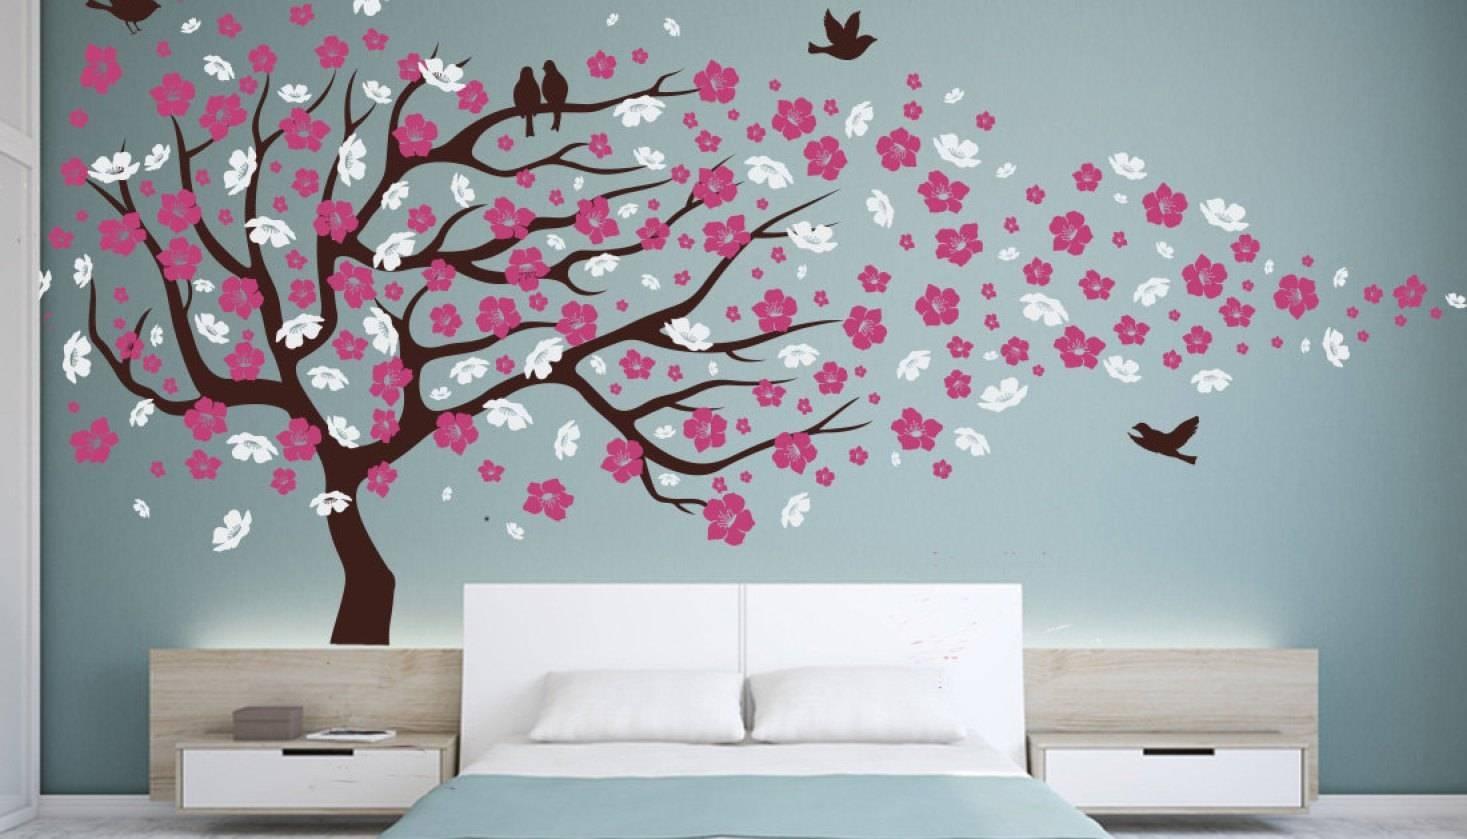 Mural : Beautiful Wallpaper Mural Art Chic Chinoiserie Hand Pertaining To 2017 Chinoiserie Wall Art (View 28 of 30)